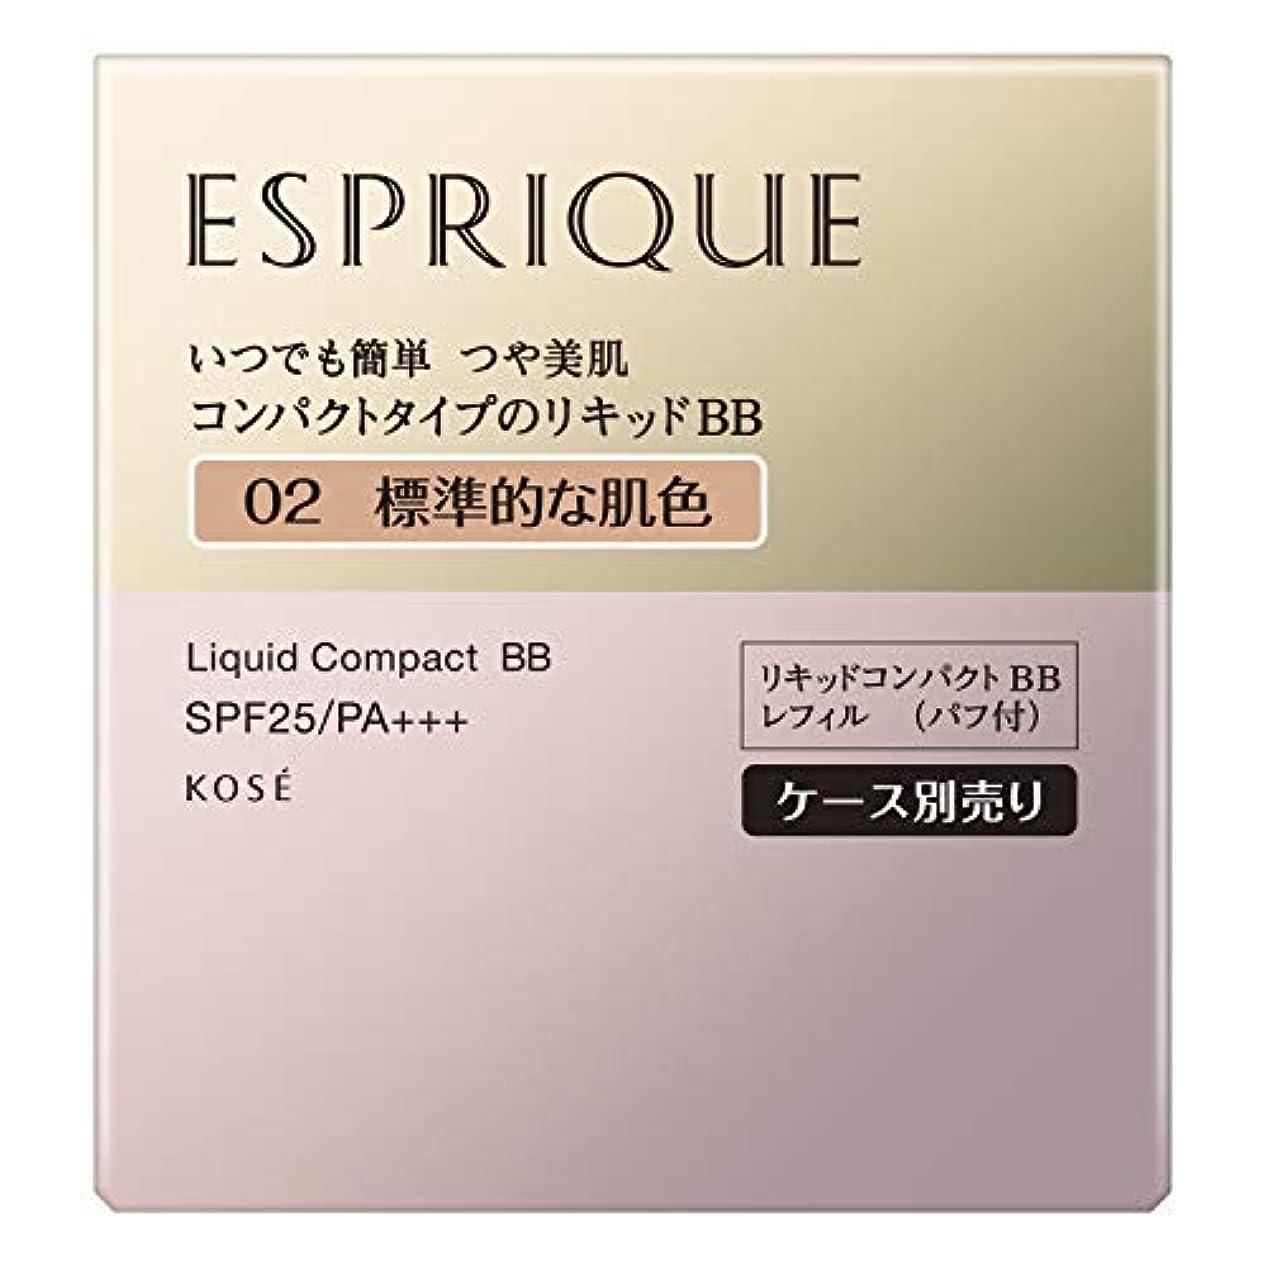 うぬぼれた合体発見エスプリーク リキッド コンパクト BB 02 標準的な肌色 13g